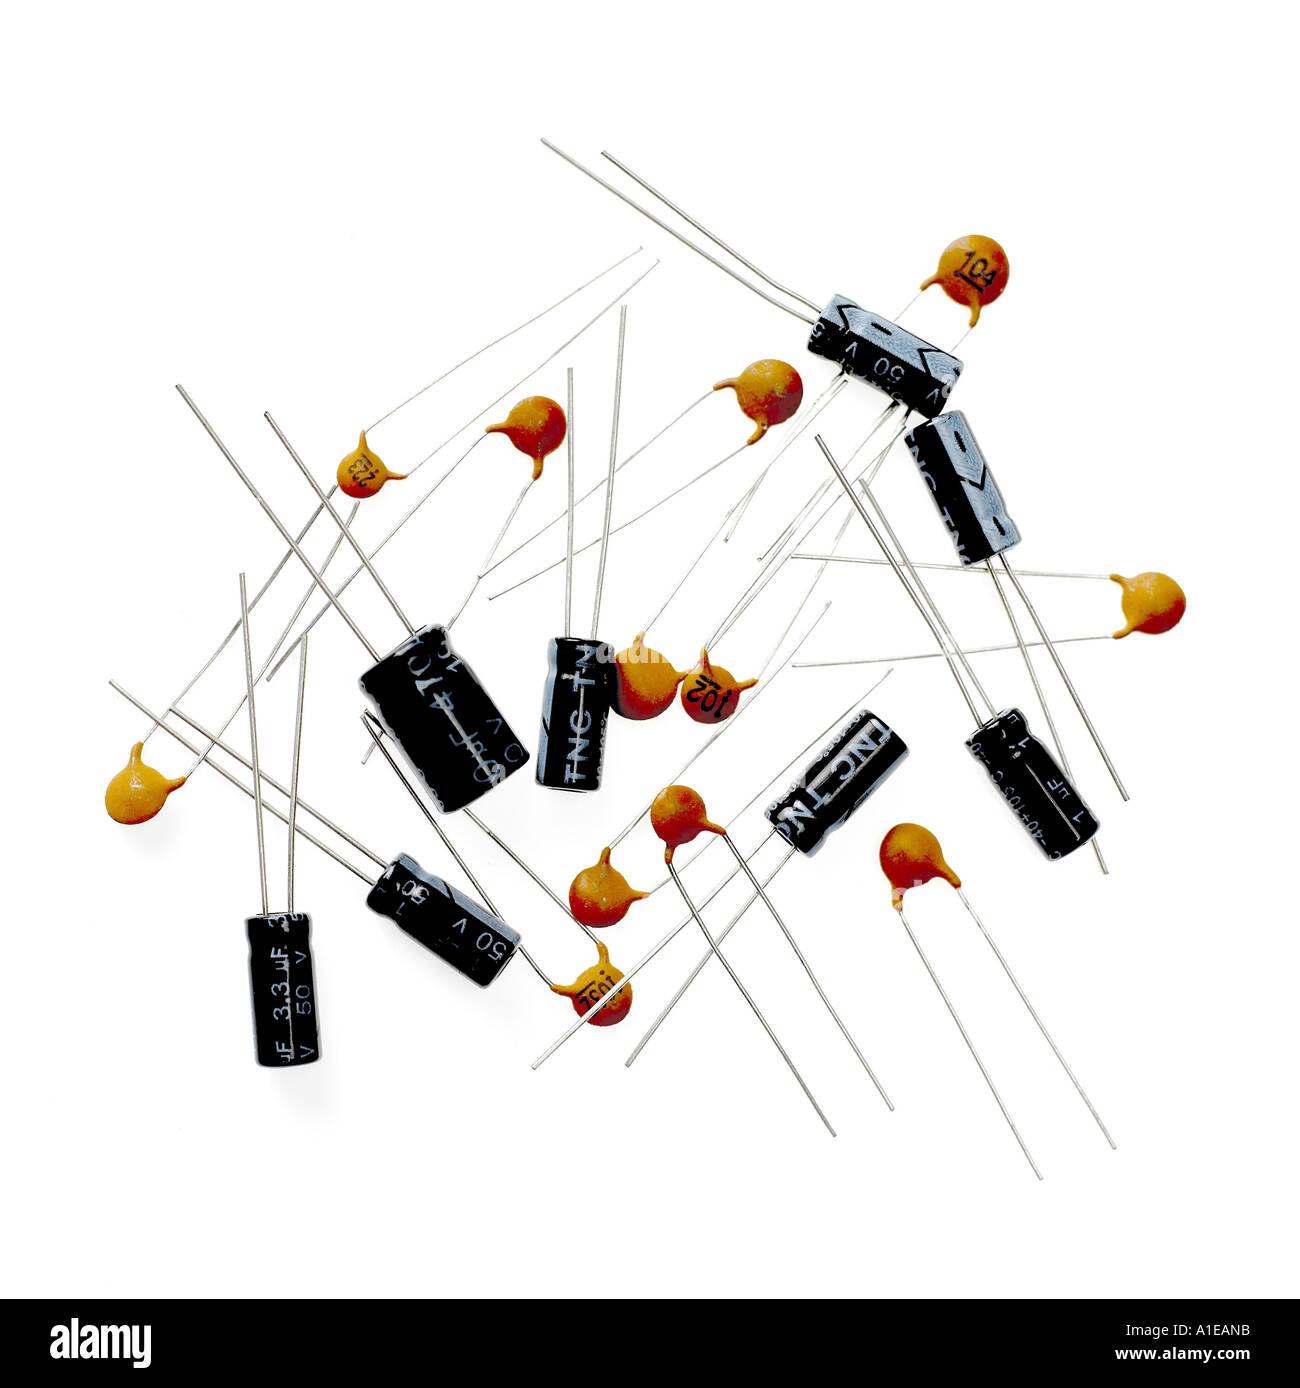 Resistors - Stock Image